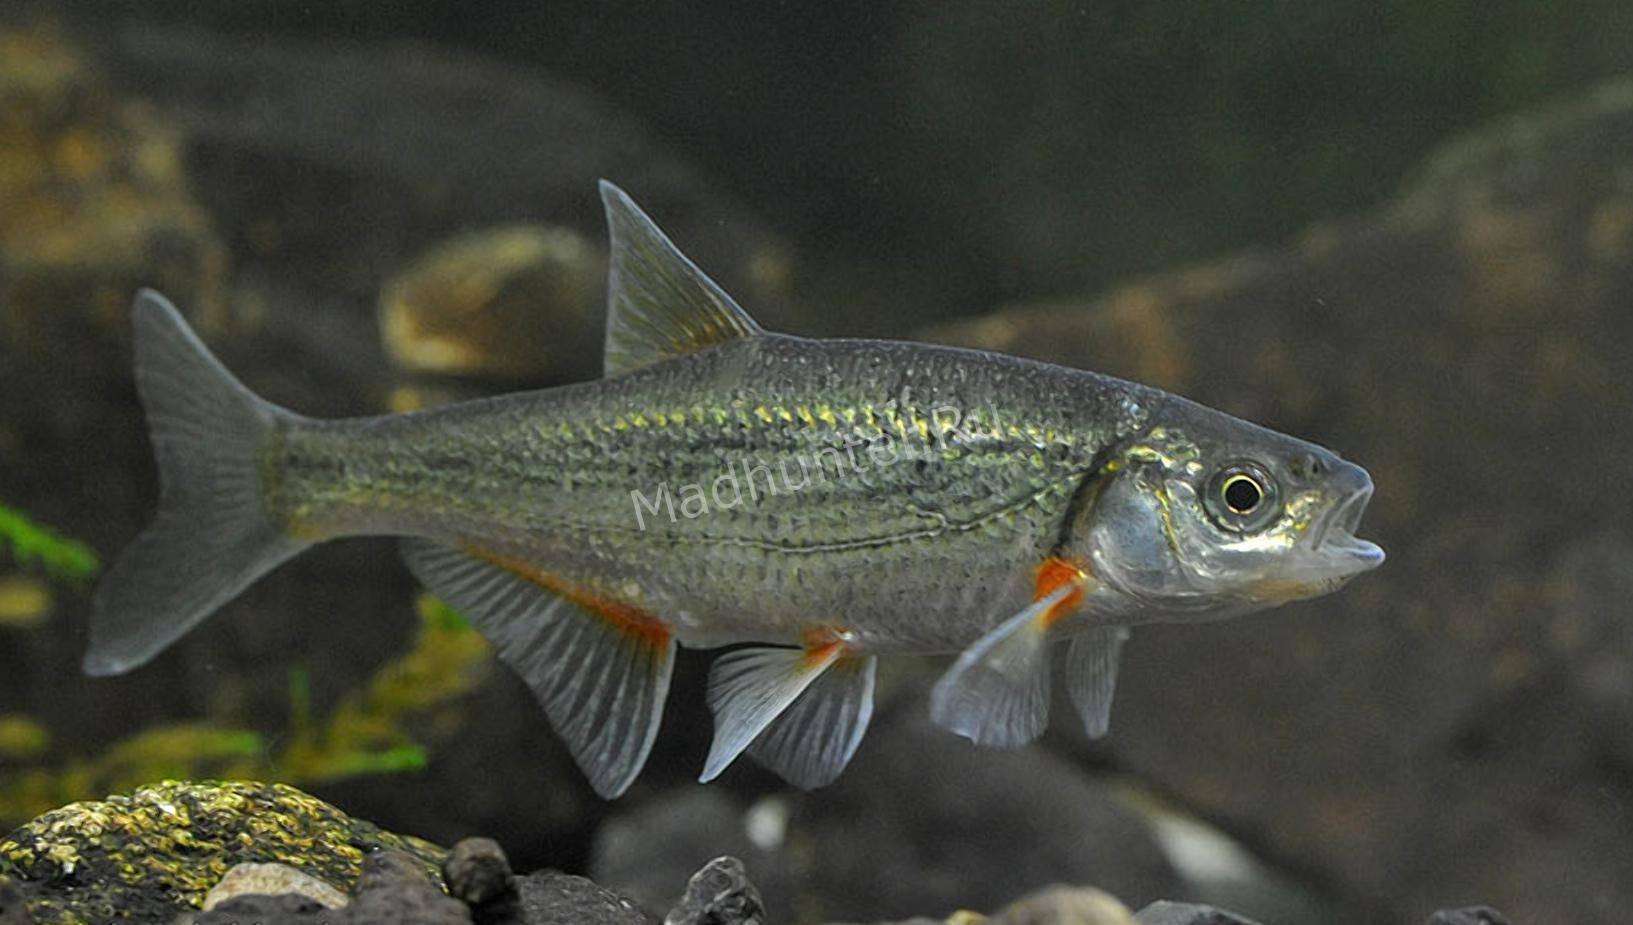 Гольян: где обитает и чем питается, распространённые методы ловли речной рыбки